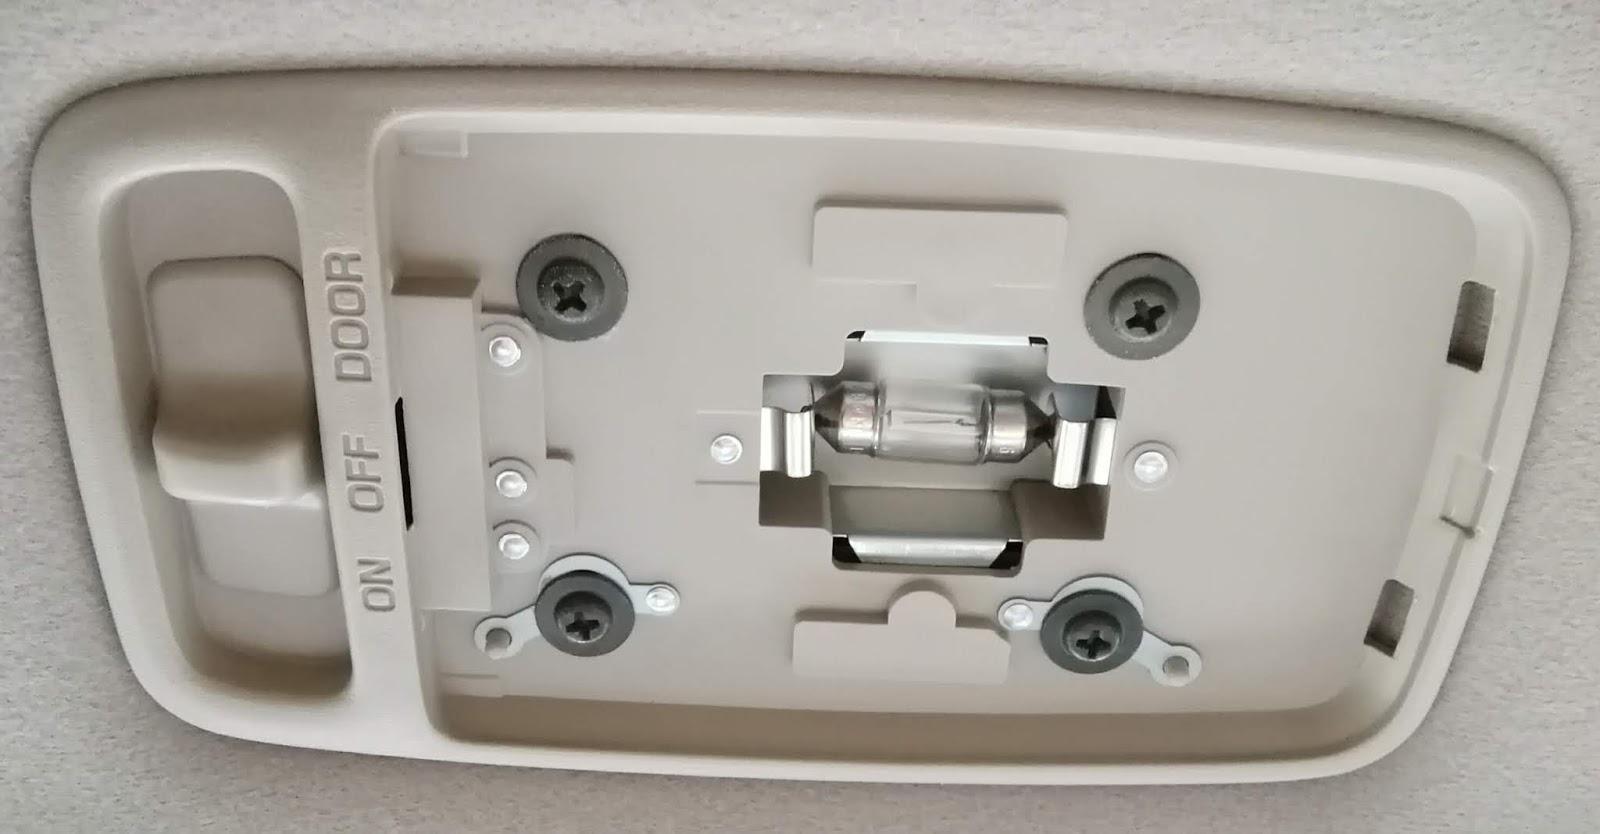 Jzx110 ルームランプ Led電球に交換 Led電球にはプラスとマイナスかあった 疑問体験日記